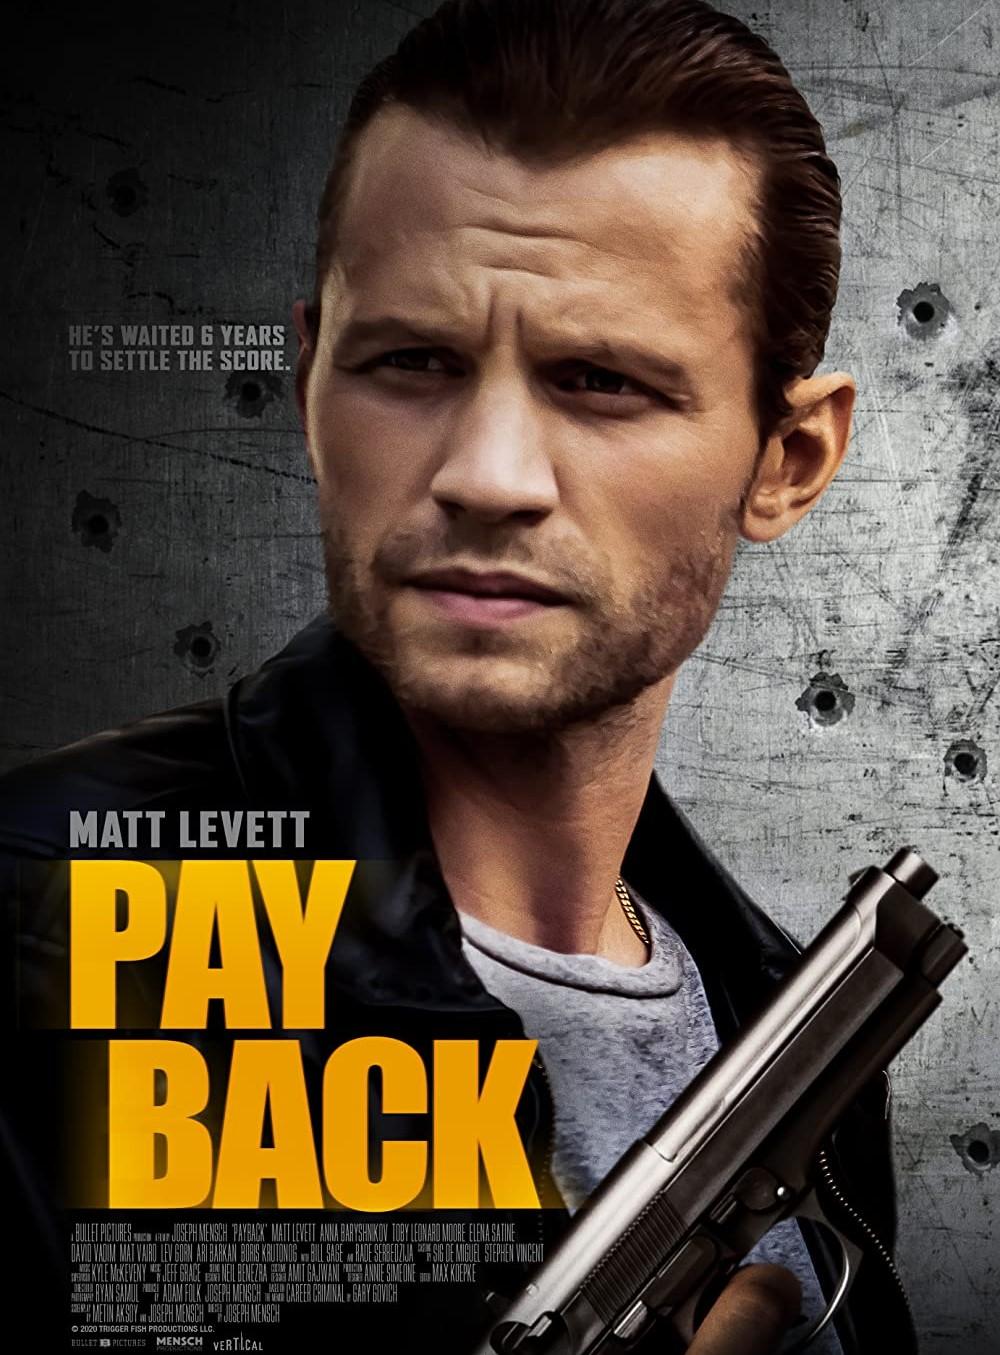 Payback 2021 Movie Watch Online Free   Joseph Mensch & Matt Levett